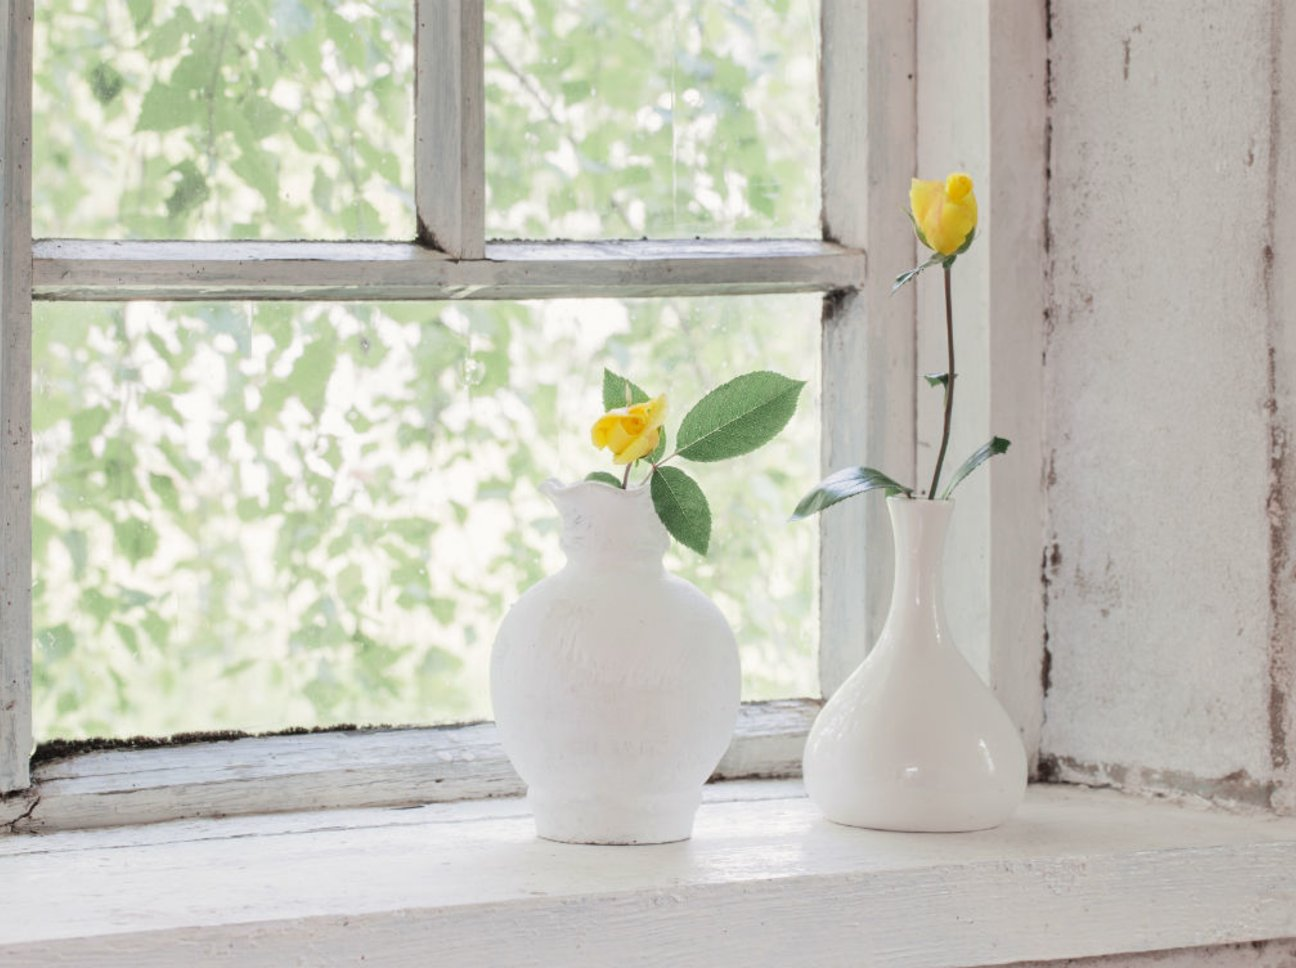 Full Size of Fensterbank Dekorieren Fnf Styling Tricks Fr Fensterbnke Wohnzimmer Fensterbank Dekorieren